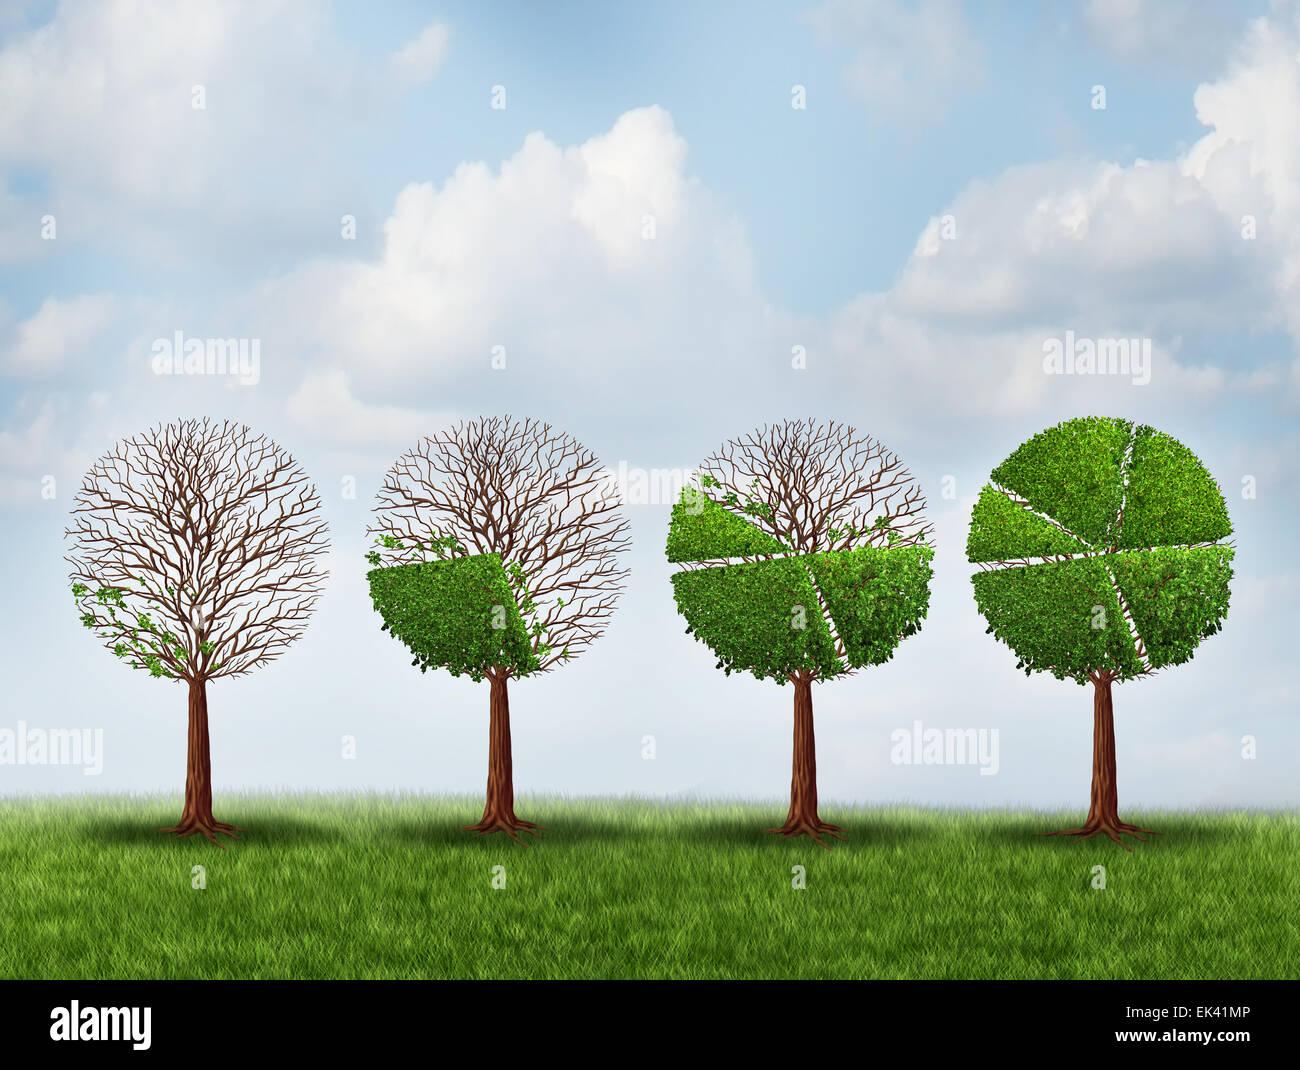 La prosperità economica concetto finanziario come un gruppo di alberi verdi a forma di finanziamento crescente Immagini Stock